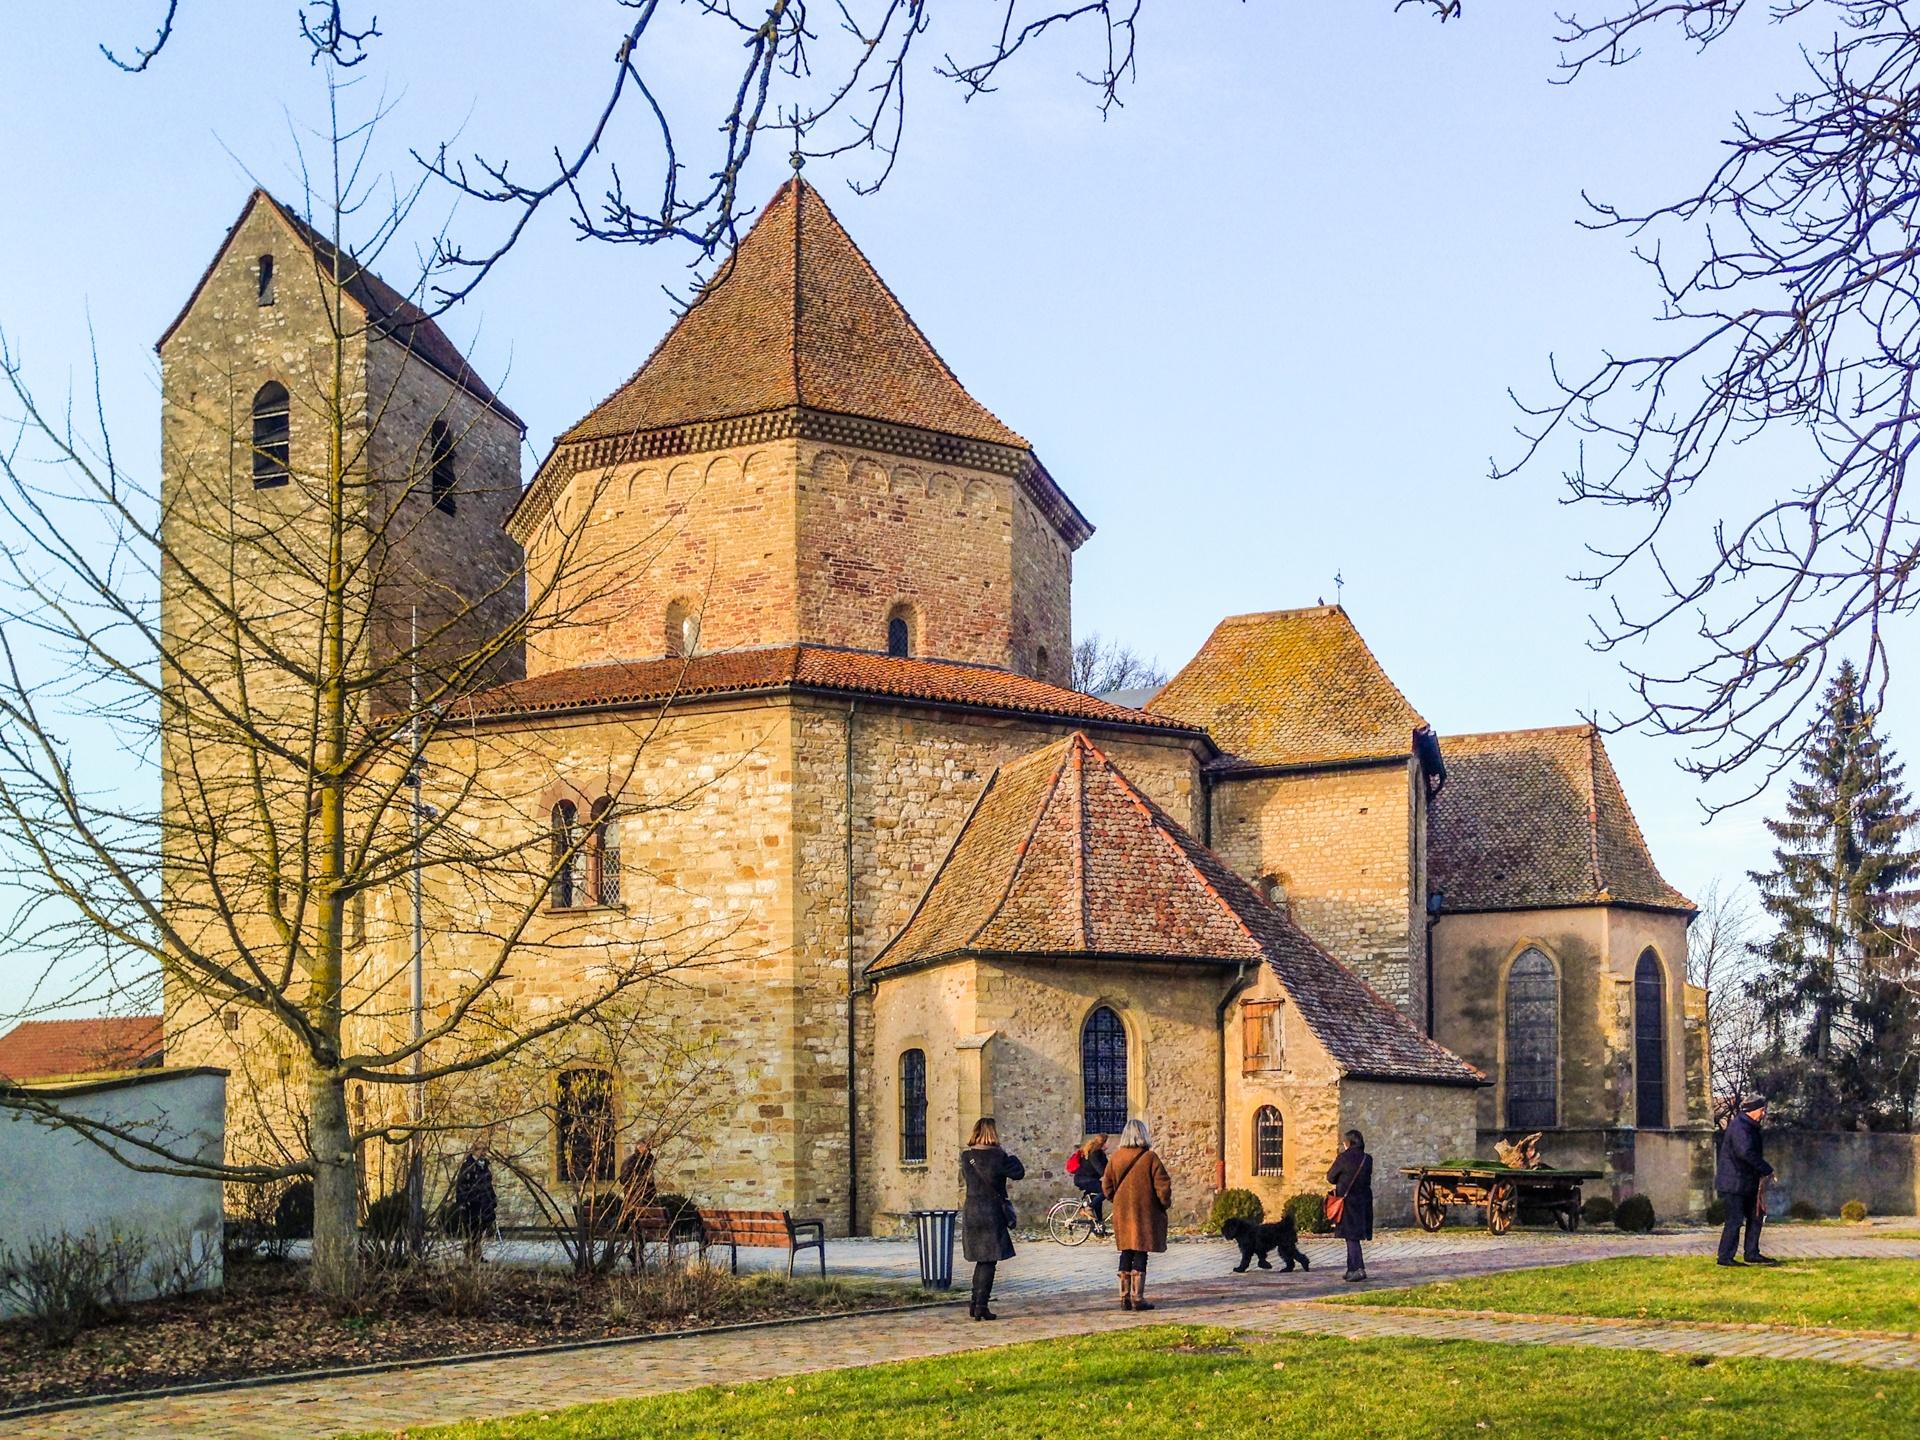 Eglise romaine Ottmarsheim - Romanische Kirche Ottmarsheim